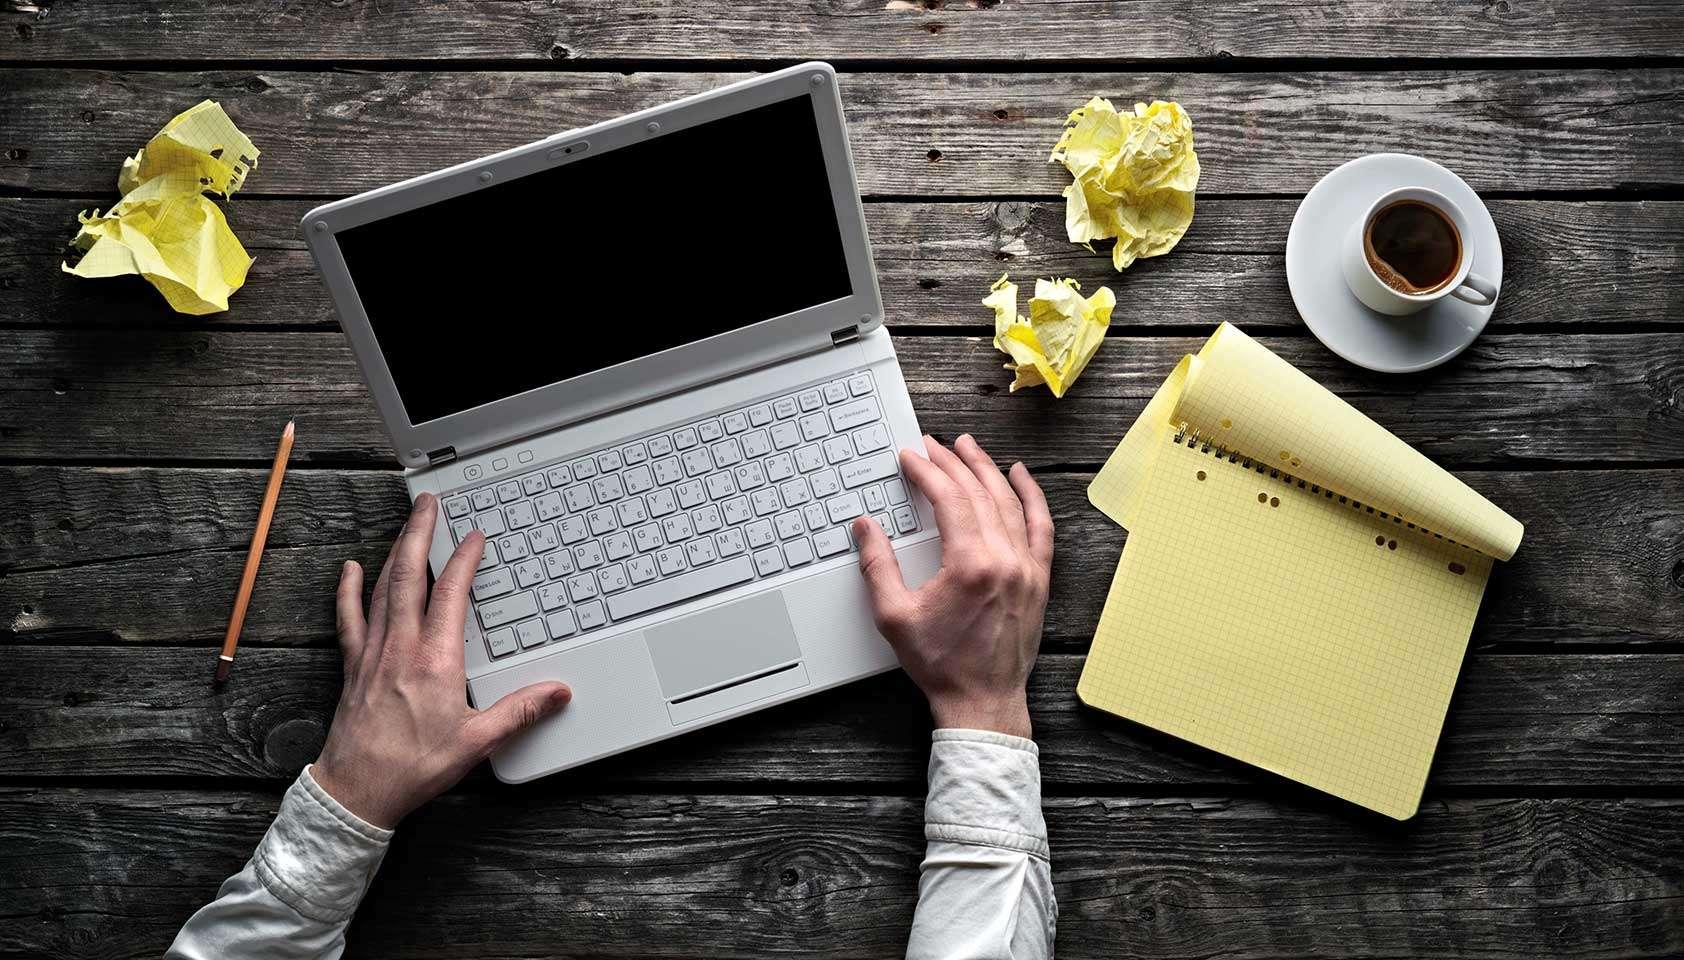 Сайт фриланс рерайт программы для удаленной работы с компьютером бесплатно